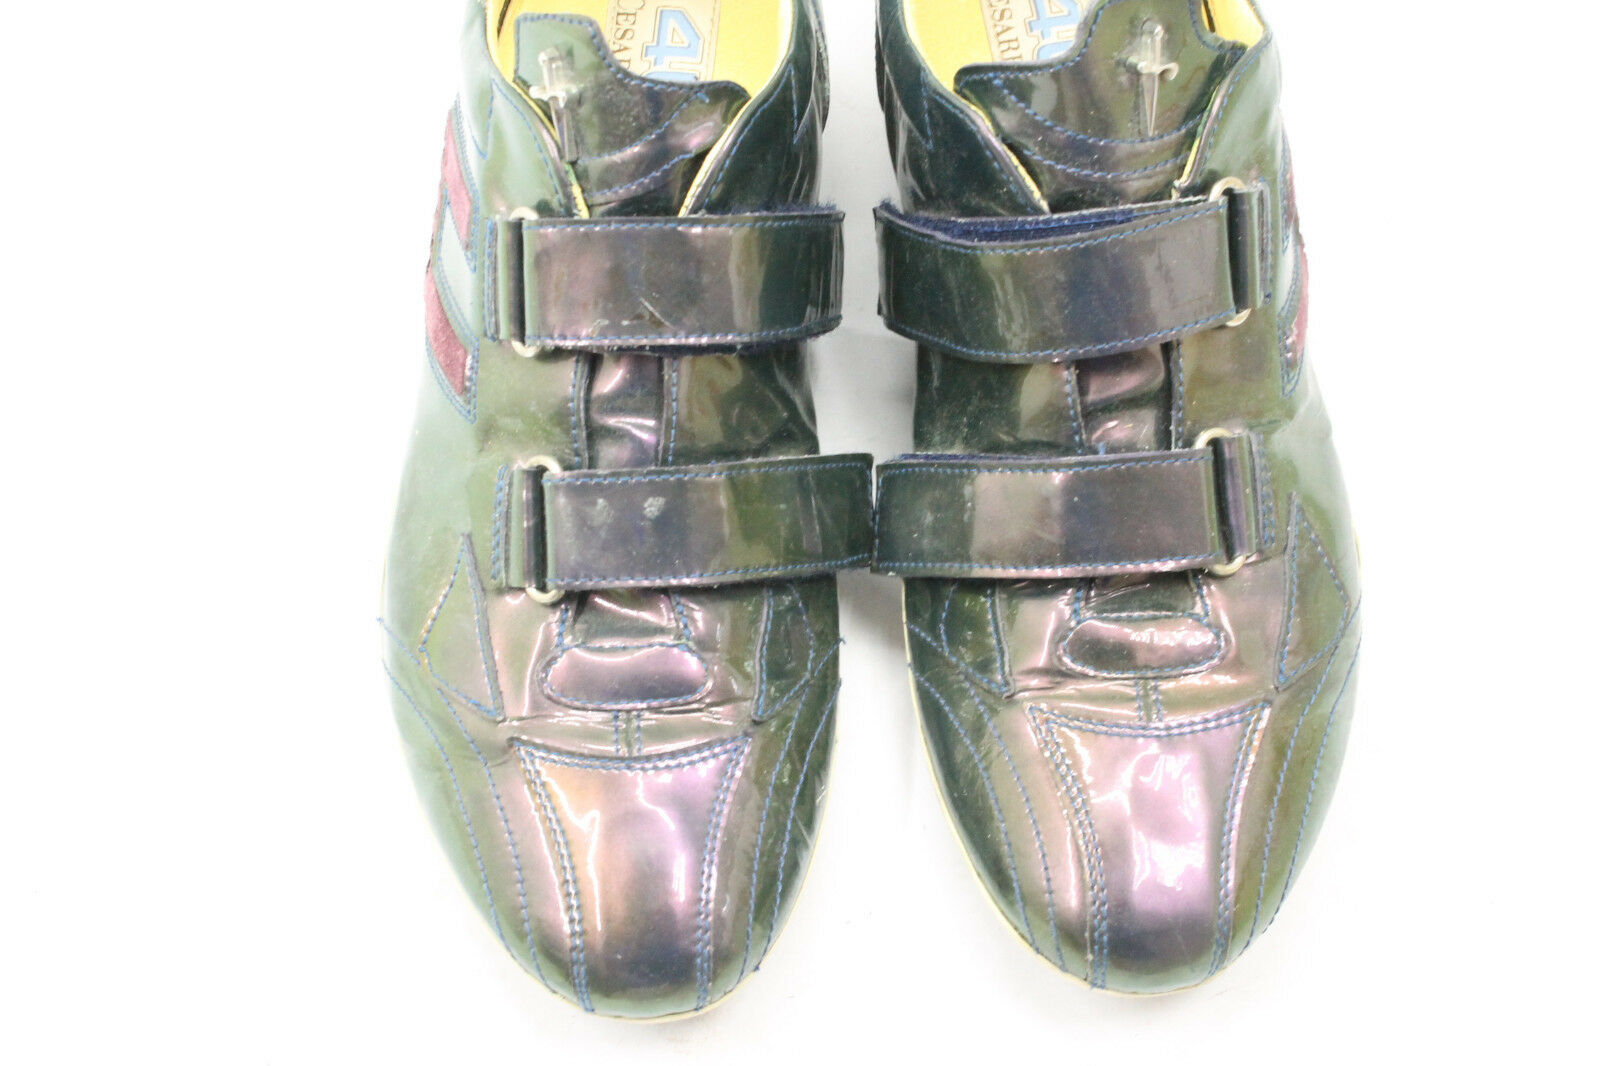 CESARE CESARE CESARE PACIOTTI women shoes sz 6.5 Europe 37 green leather S7179 ac82cb